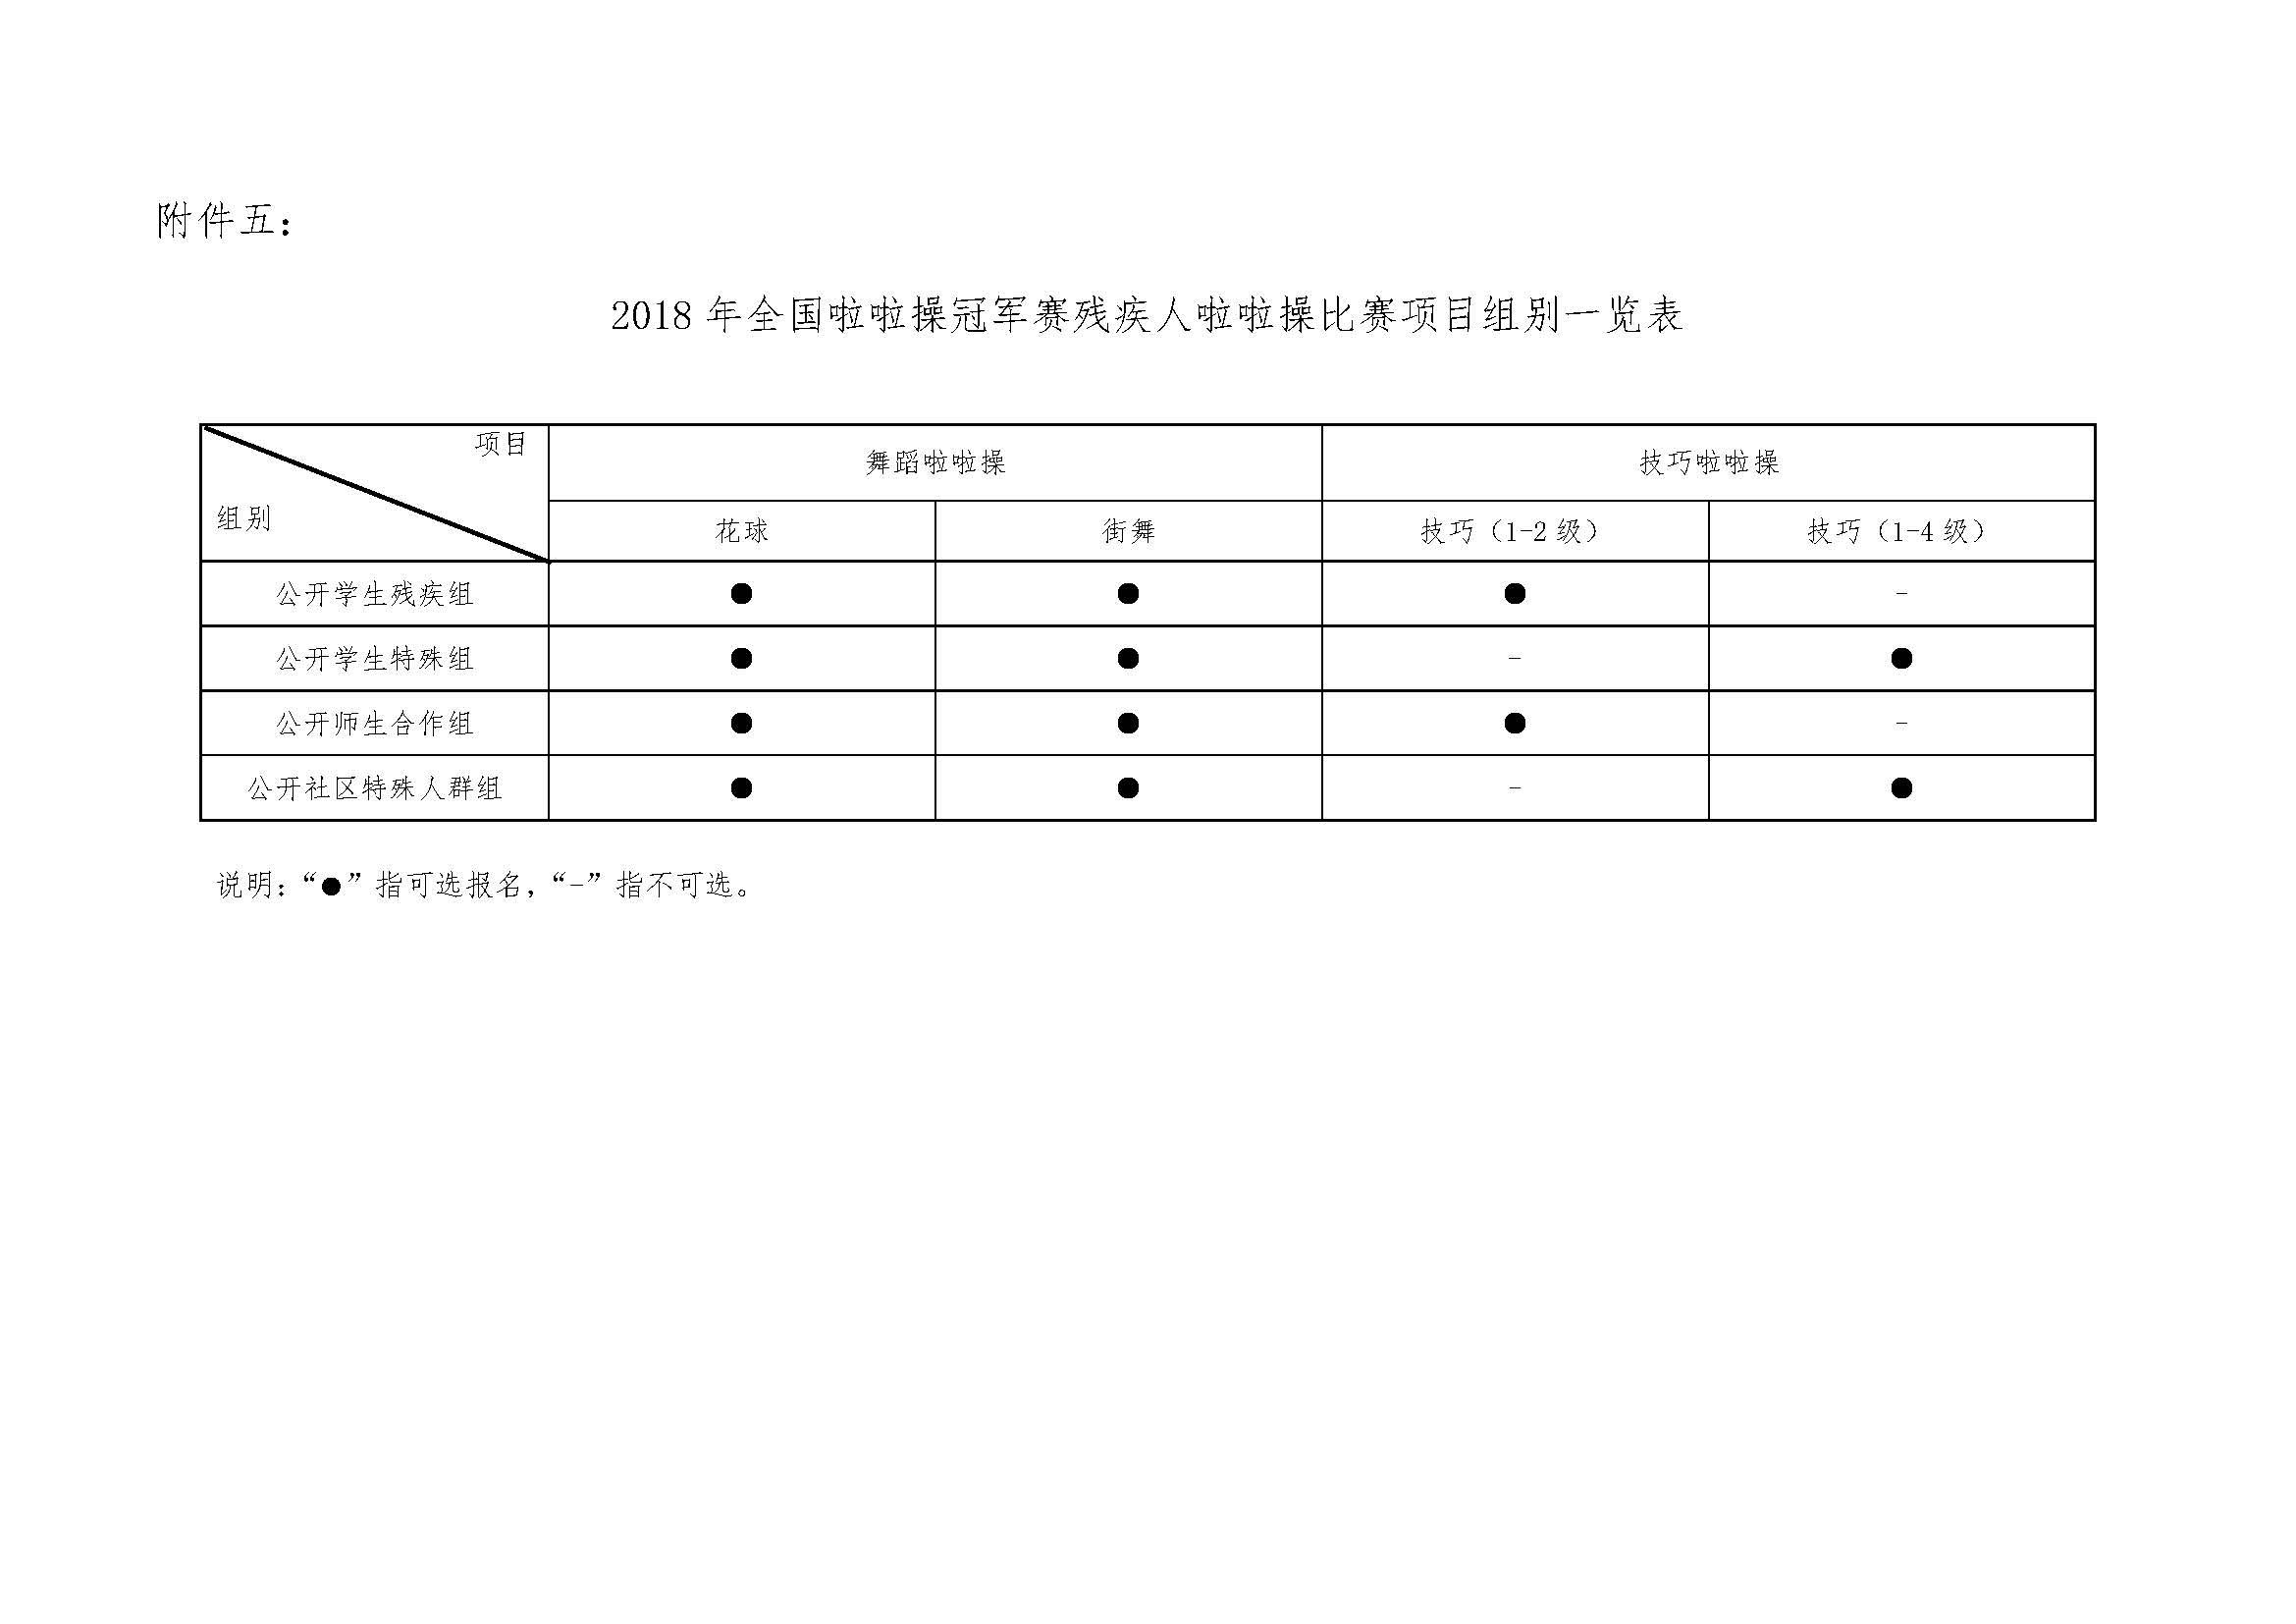 049号-2018年全国啦啦操冠军赛(幼儿组、儿童组和成年组)通知插图(26)